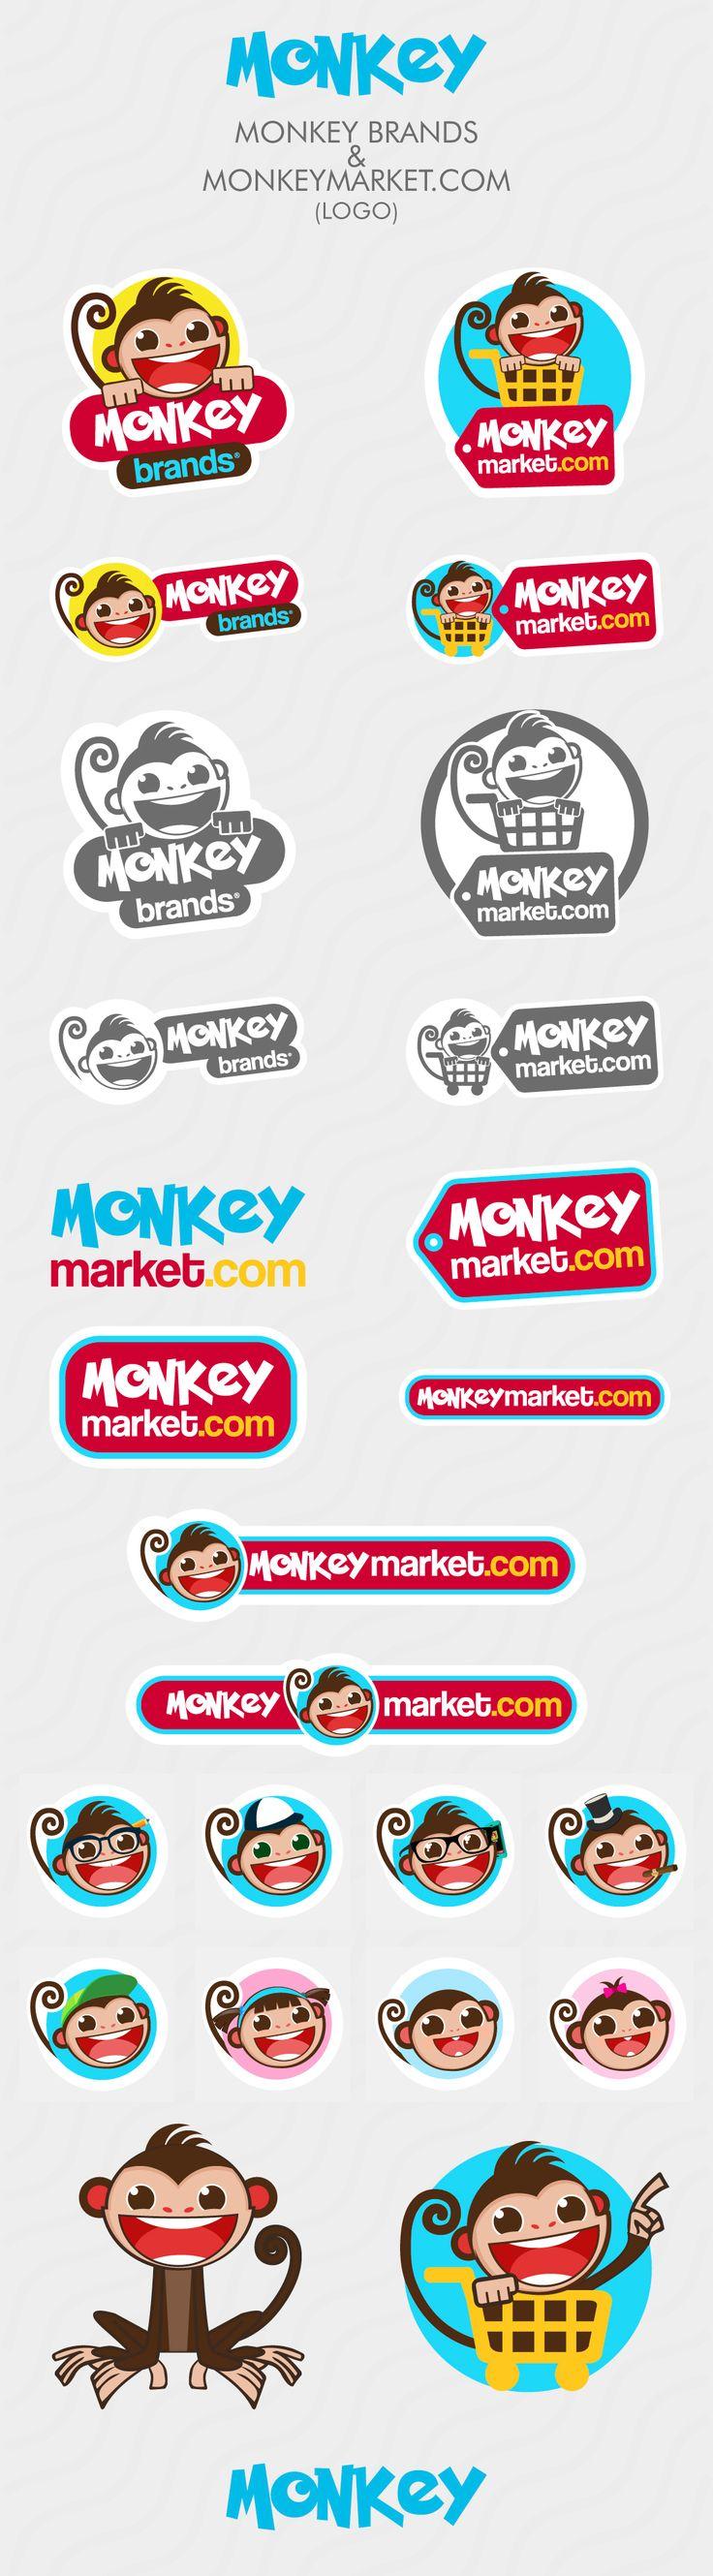 Monkey Market http://www.monkeymarket.com/